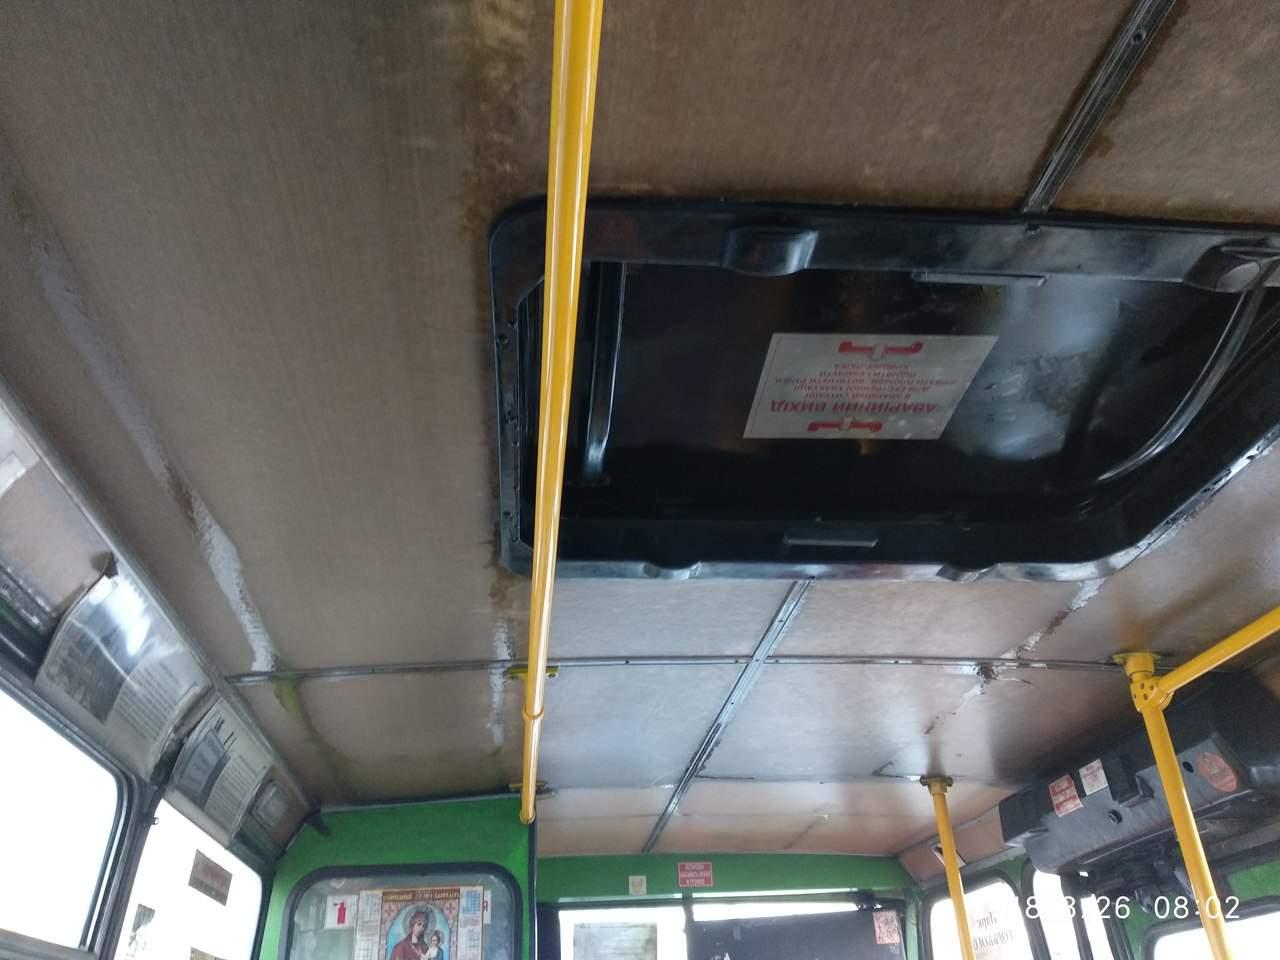 Харьковчане жалуются на дырявые крыши в общественном транспорте (фото)